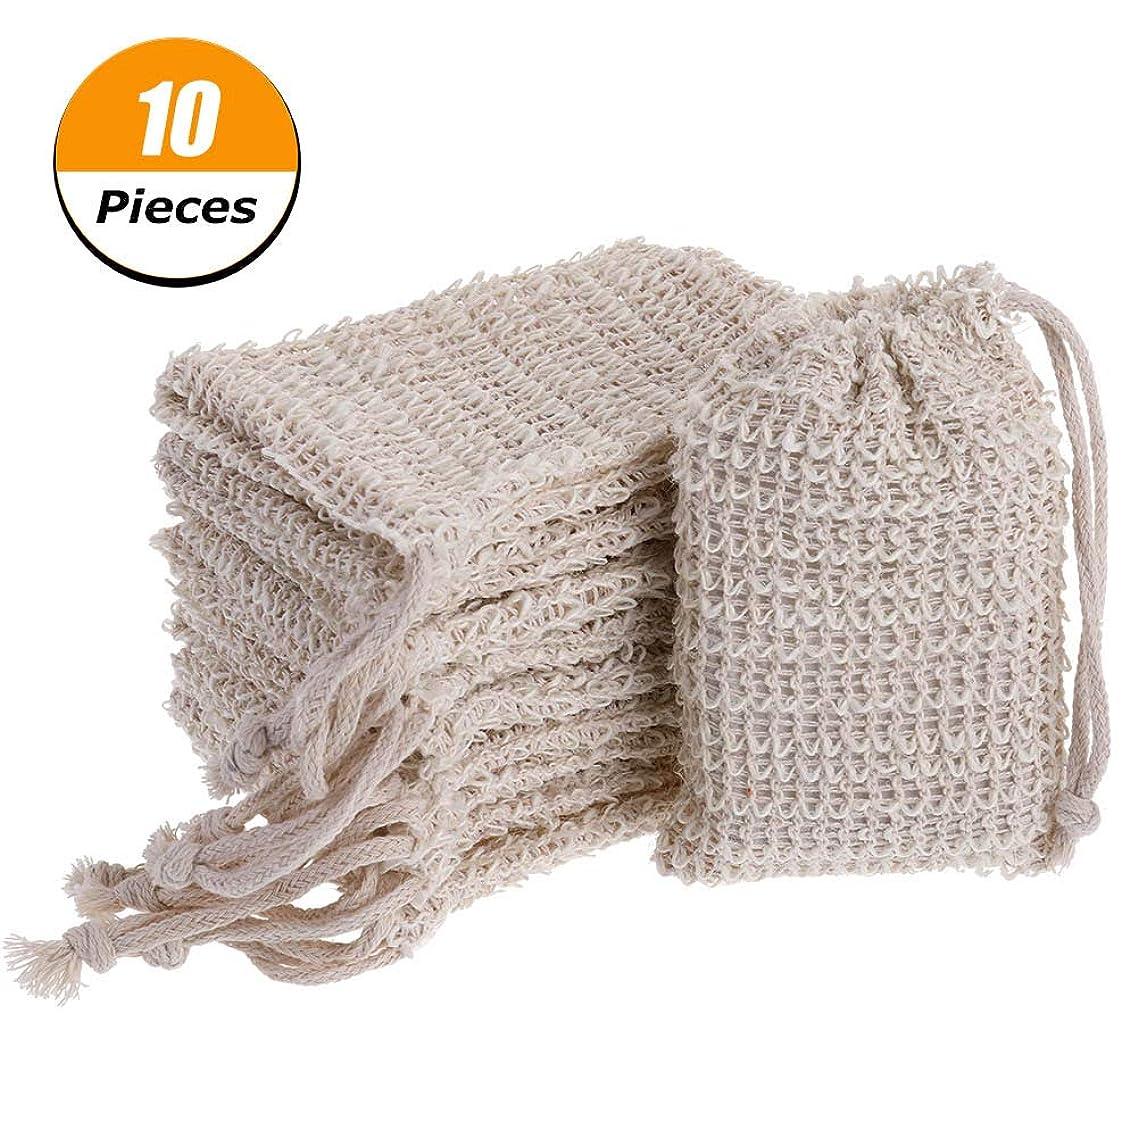 PORTOWN 10 Pack Natural Sisal Soap Bag Exfoliating Soap Saver